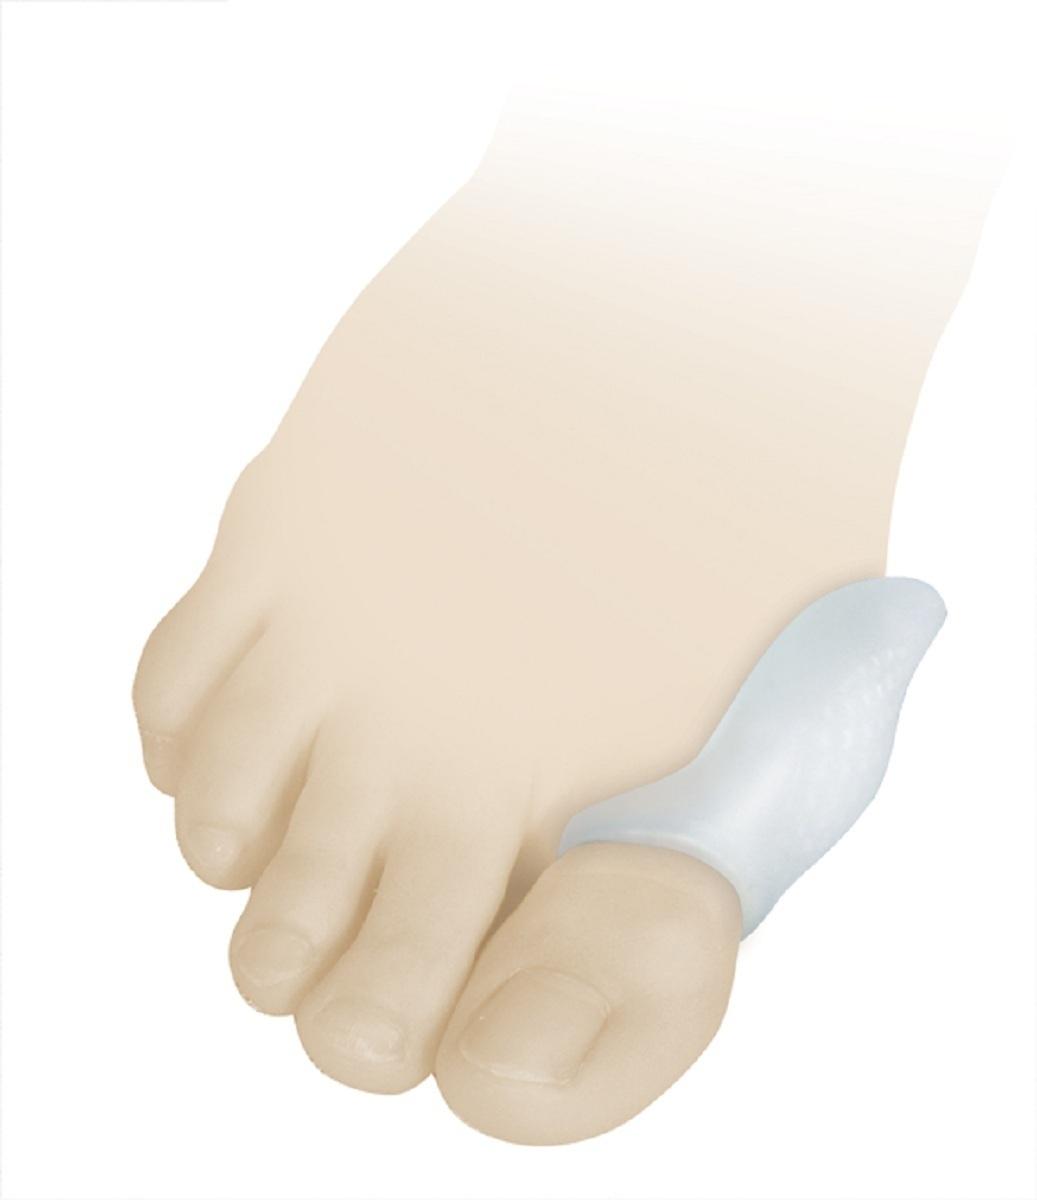 Luomma Бурсопротектор силиконовый Lum9019512/3.5-0.08Размер универсальный. состав: 100% медицинский силикон. Защищает от давления и образования потертостей суставной сумки первого плюснефалангового сустава. В упаковке 2 шт.